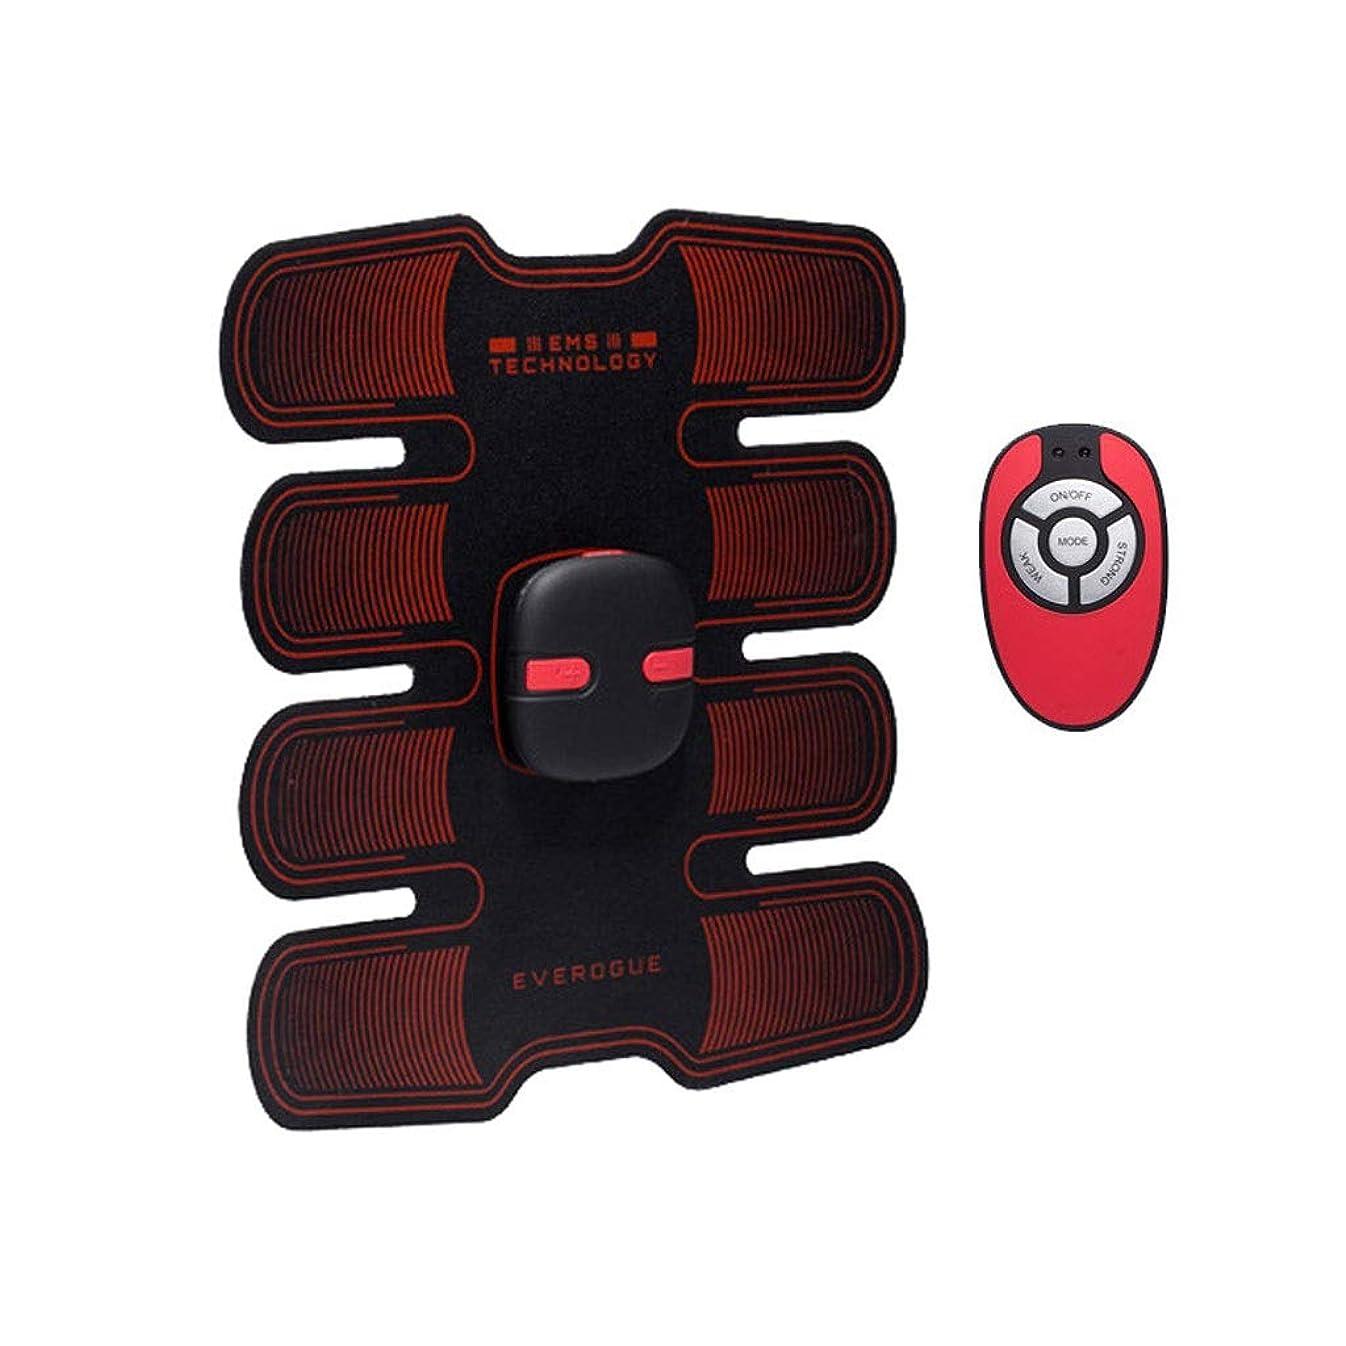 着陸コイル大学フィットネストレーニングギア、リモコン付きEMS筋肉刺激装置USB充電式究極の腹部刺激装置 - 男性用女性用筋肉トナー (Size : A)